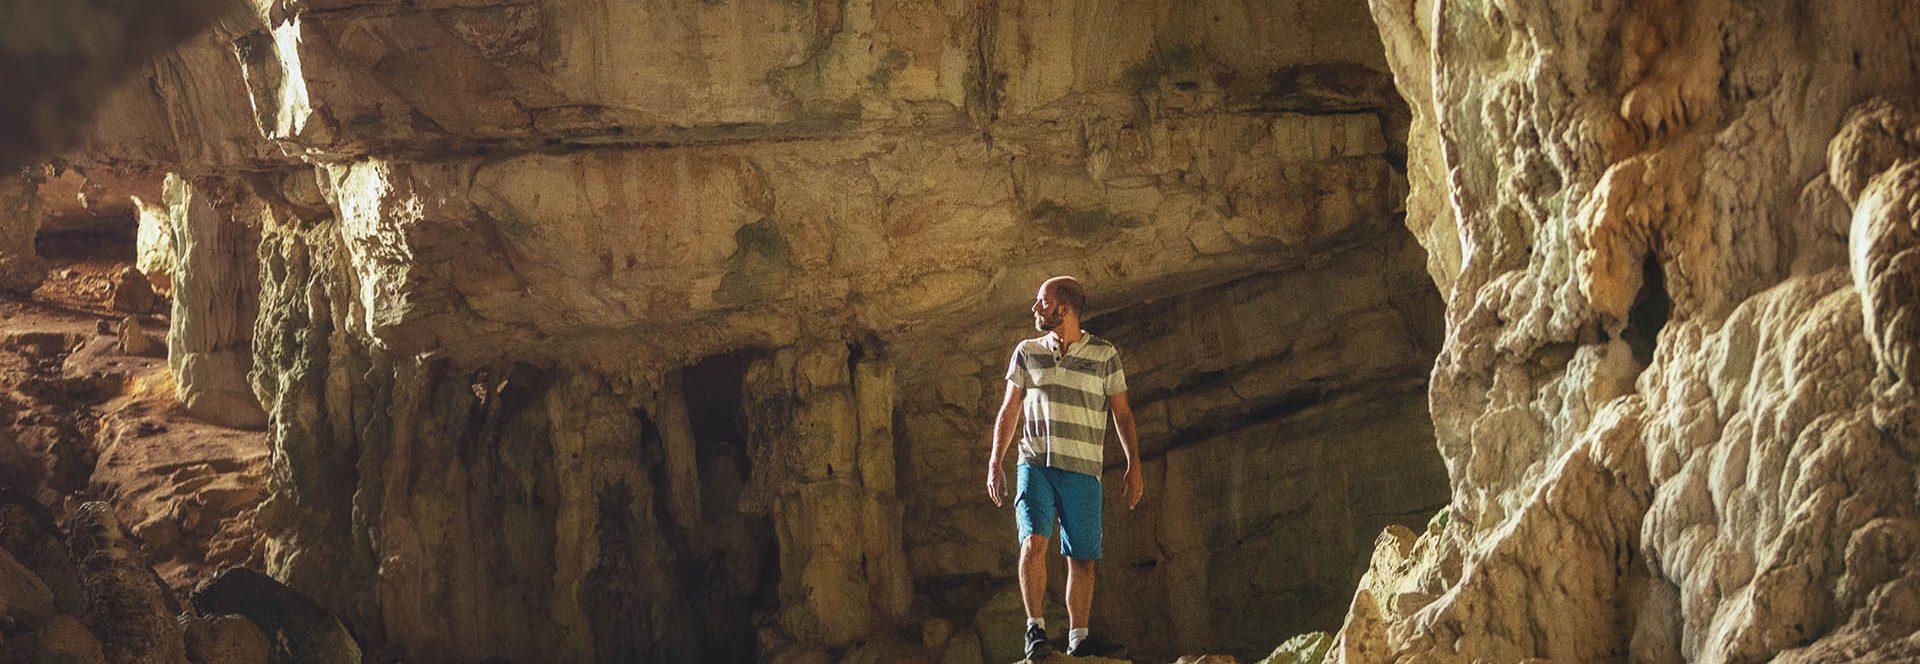 Cueva de Berna República Dominicana